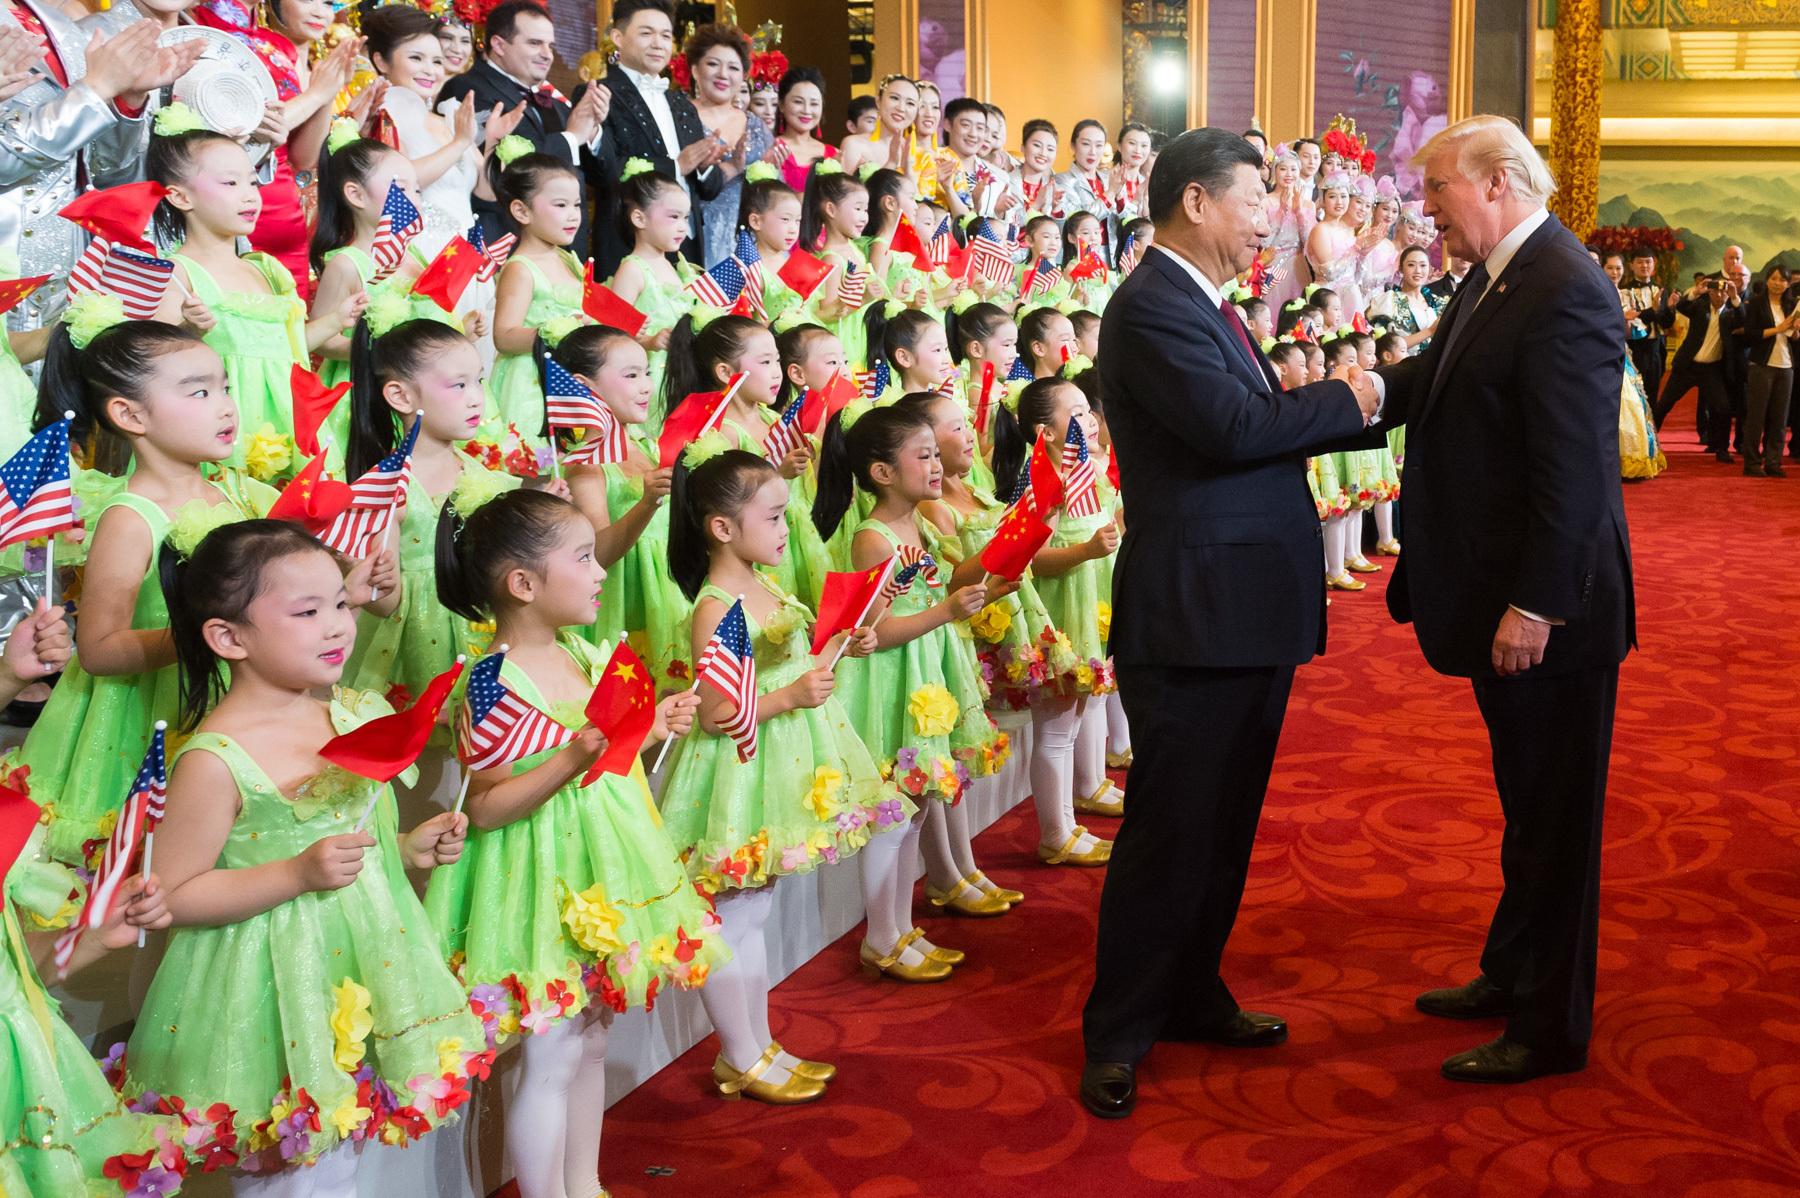 שי ג'ינפינג, נשיא סין, מבצר את מעמדו על חשבון זכויות הנשים במדינה